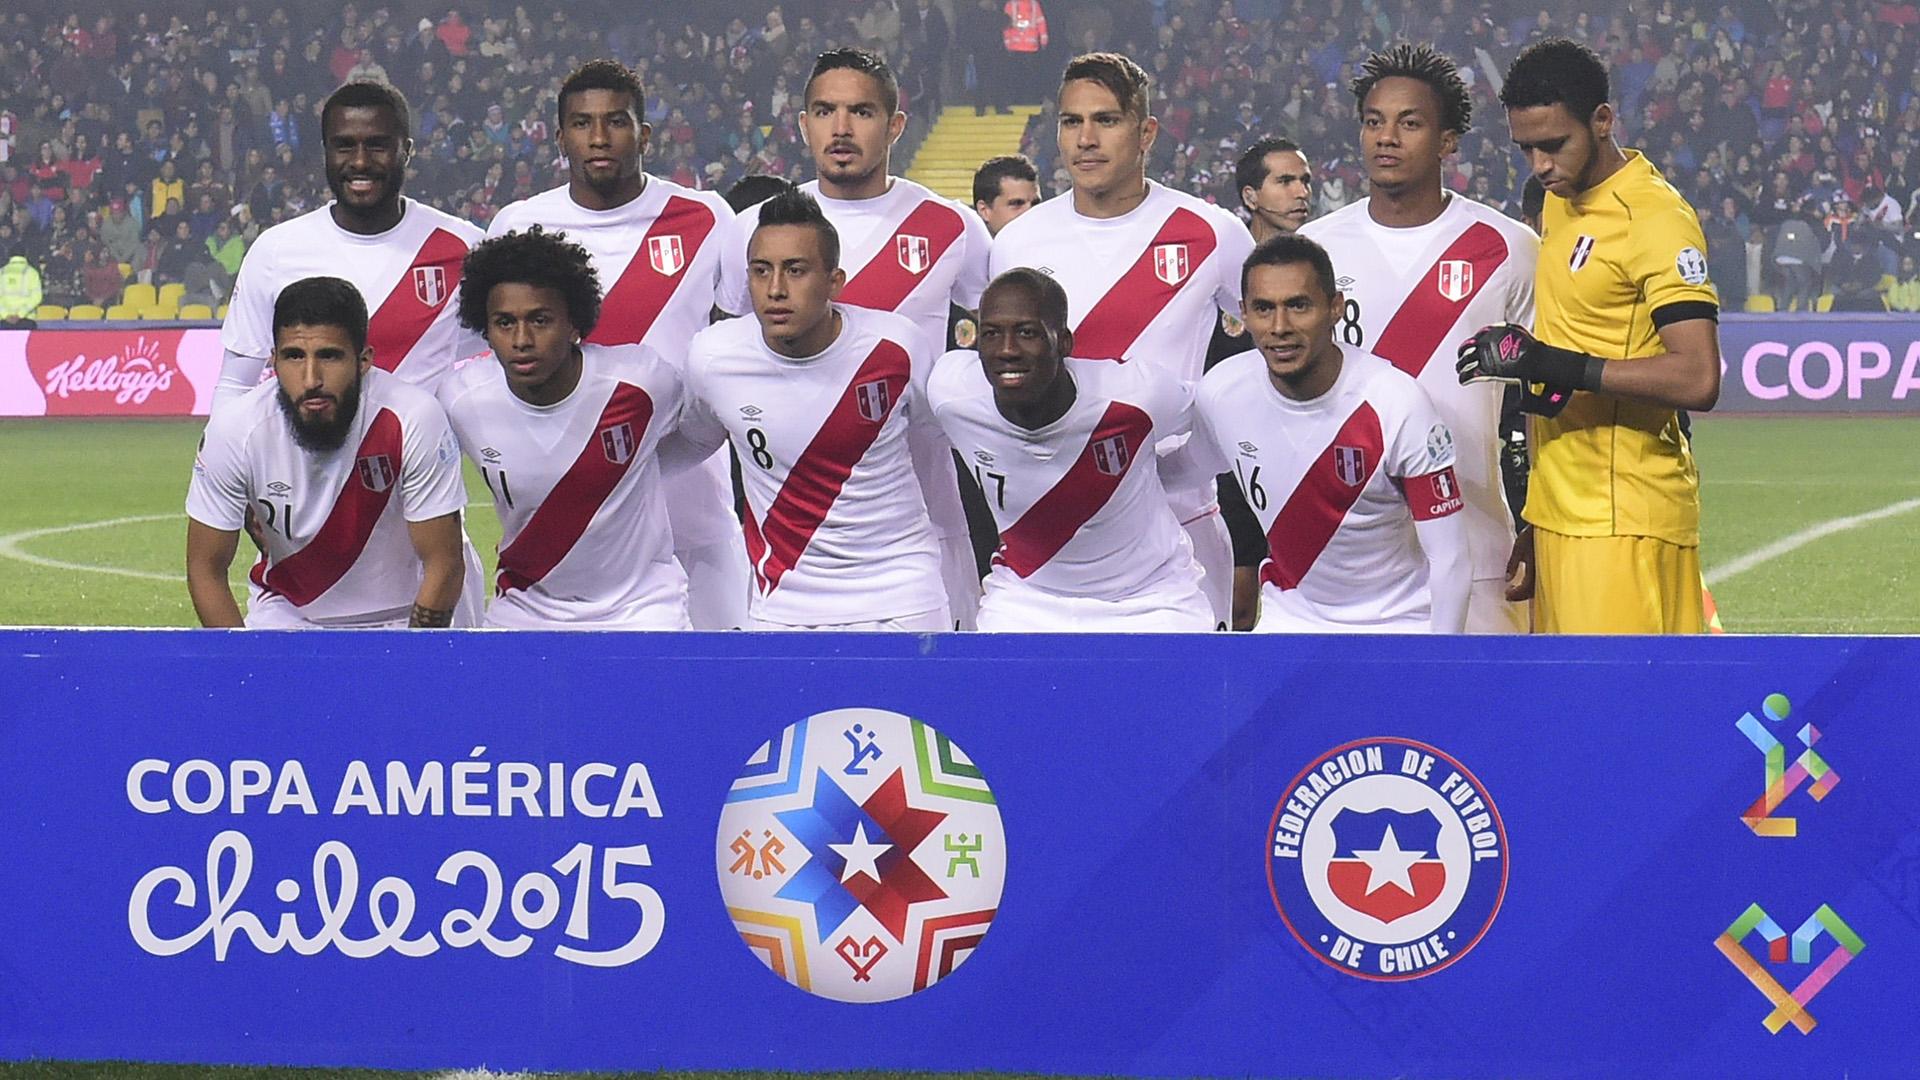 Los premios de Chile 2015